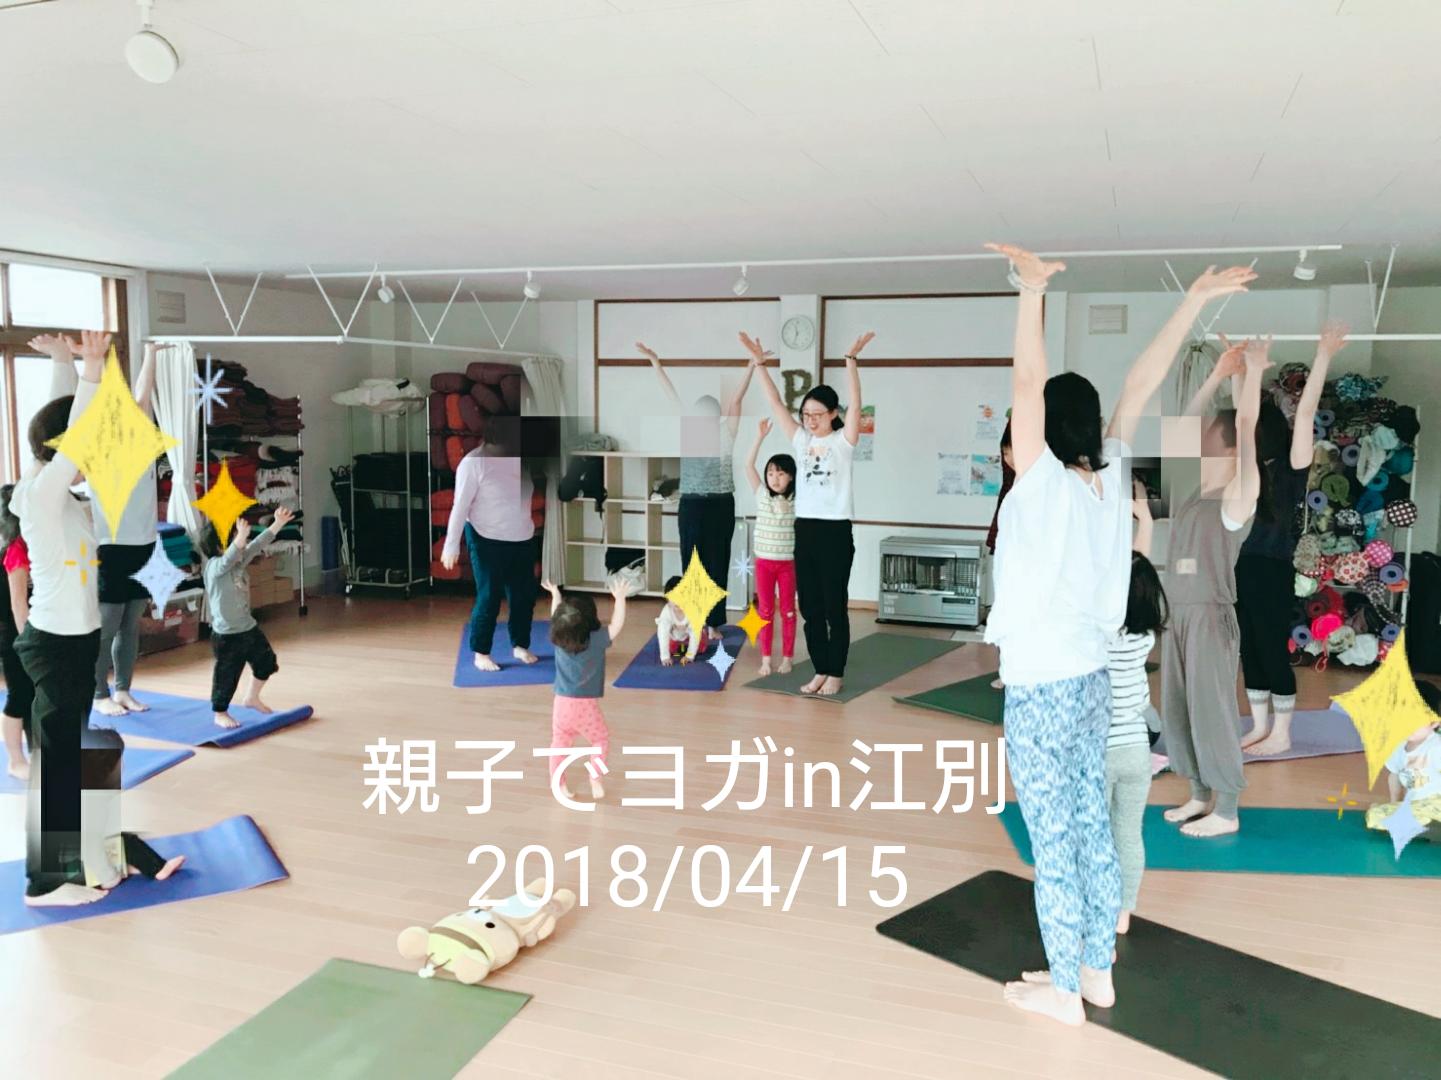 親子でヨガ in 江別 4月15日(日)開催報告